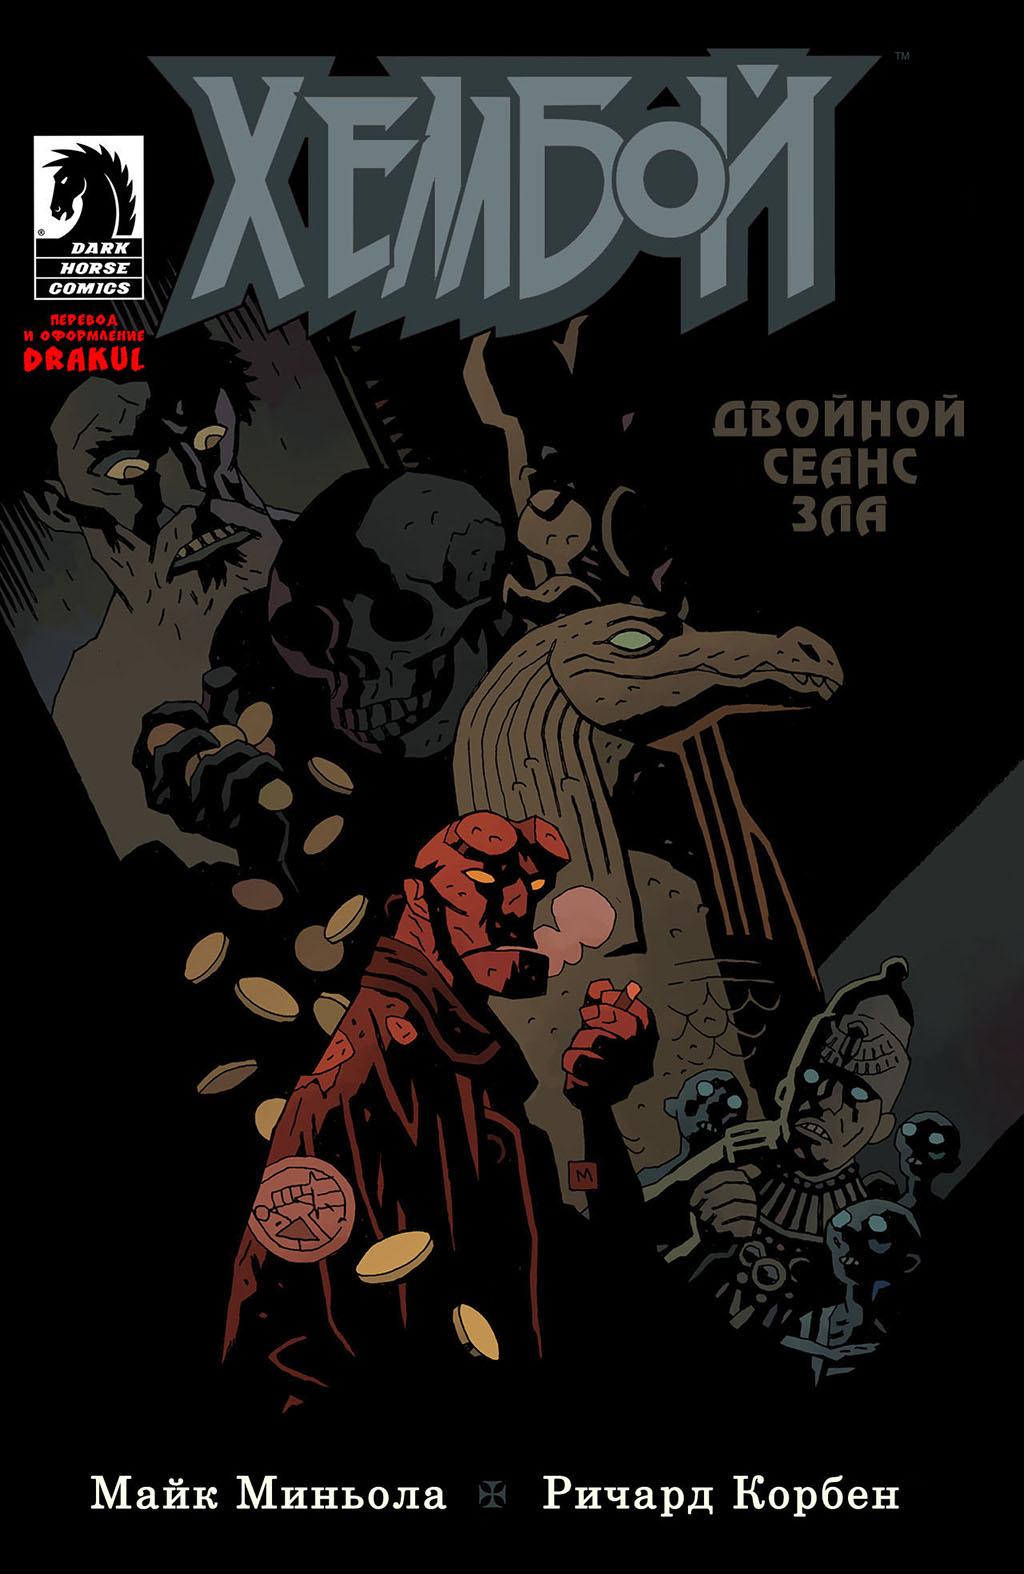 Комикс Хеллбой: Двойной Сеанс Зла